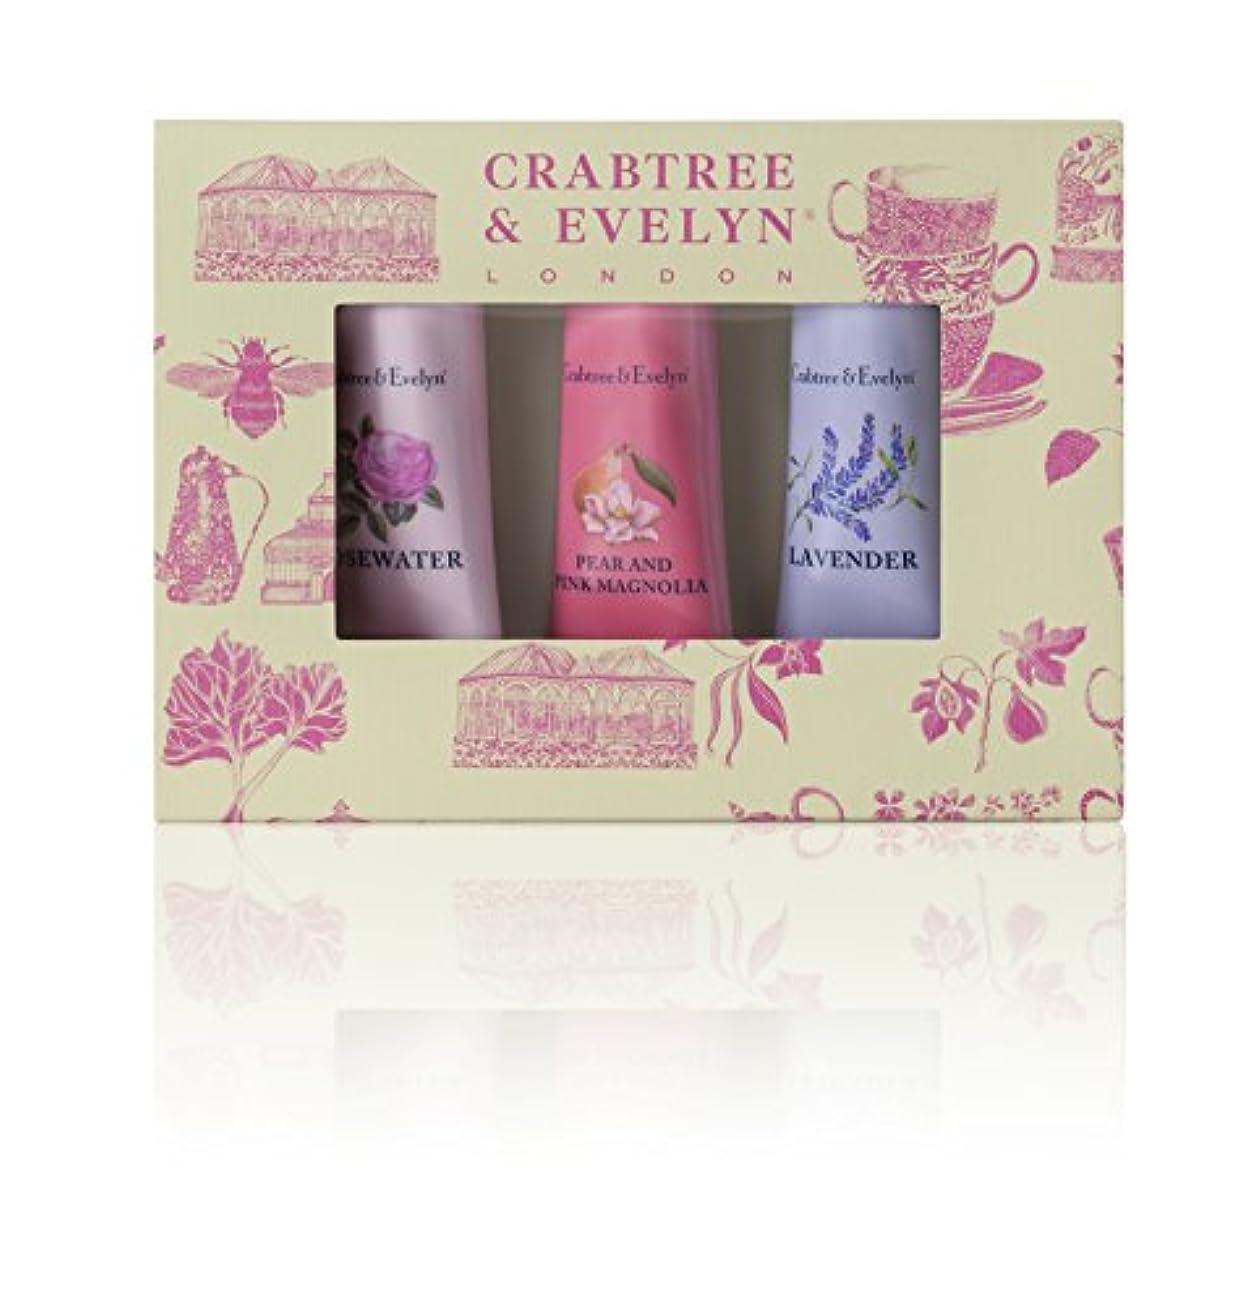 闘争性能線形クラブツリー&イヴリン Florals Hand Therapy Set (1x Pear & Pink Magnolia, 1x Rosewater, 1x Lavender) 3x25g/0.9oz並行輸入品